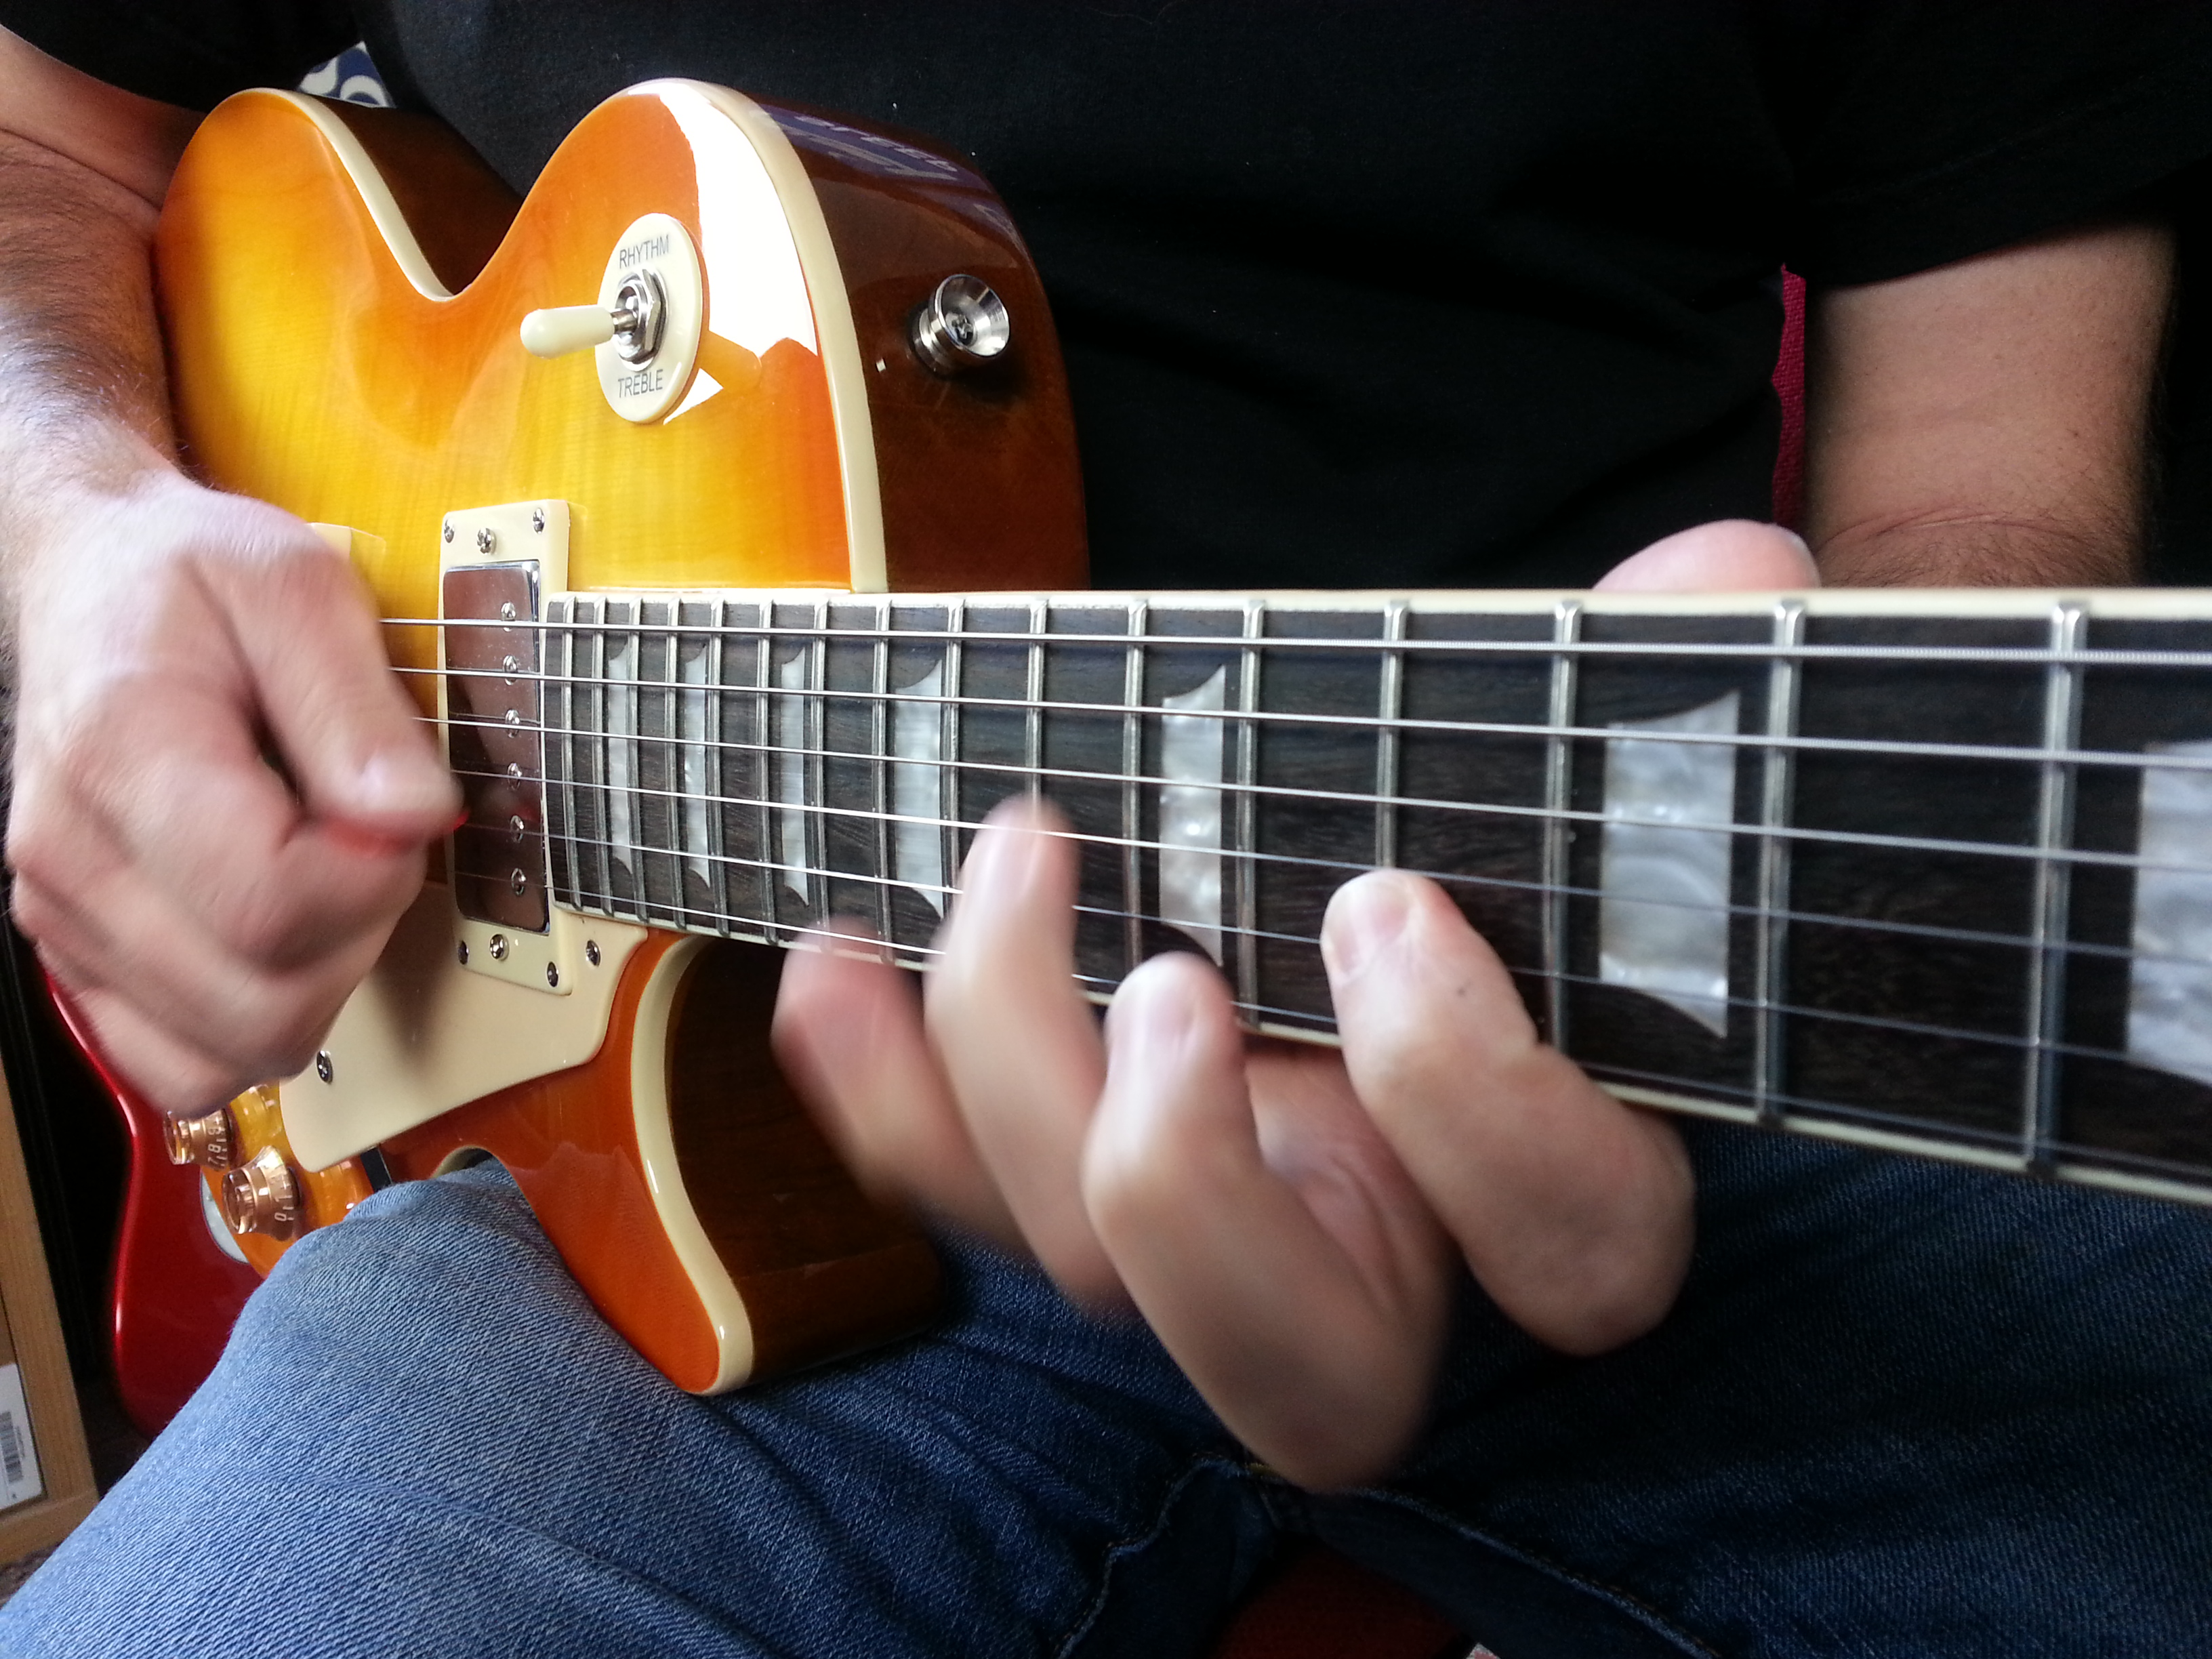 Guitar lick tionary — img 3